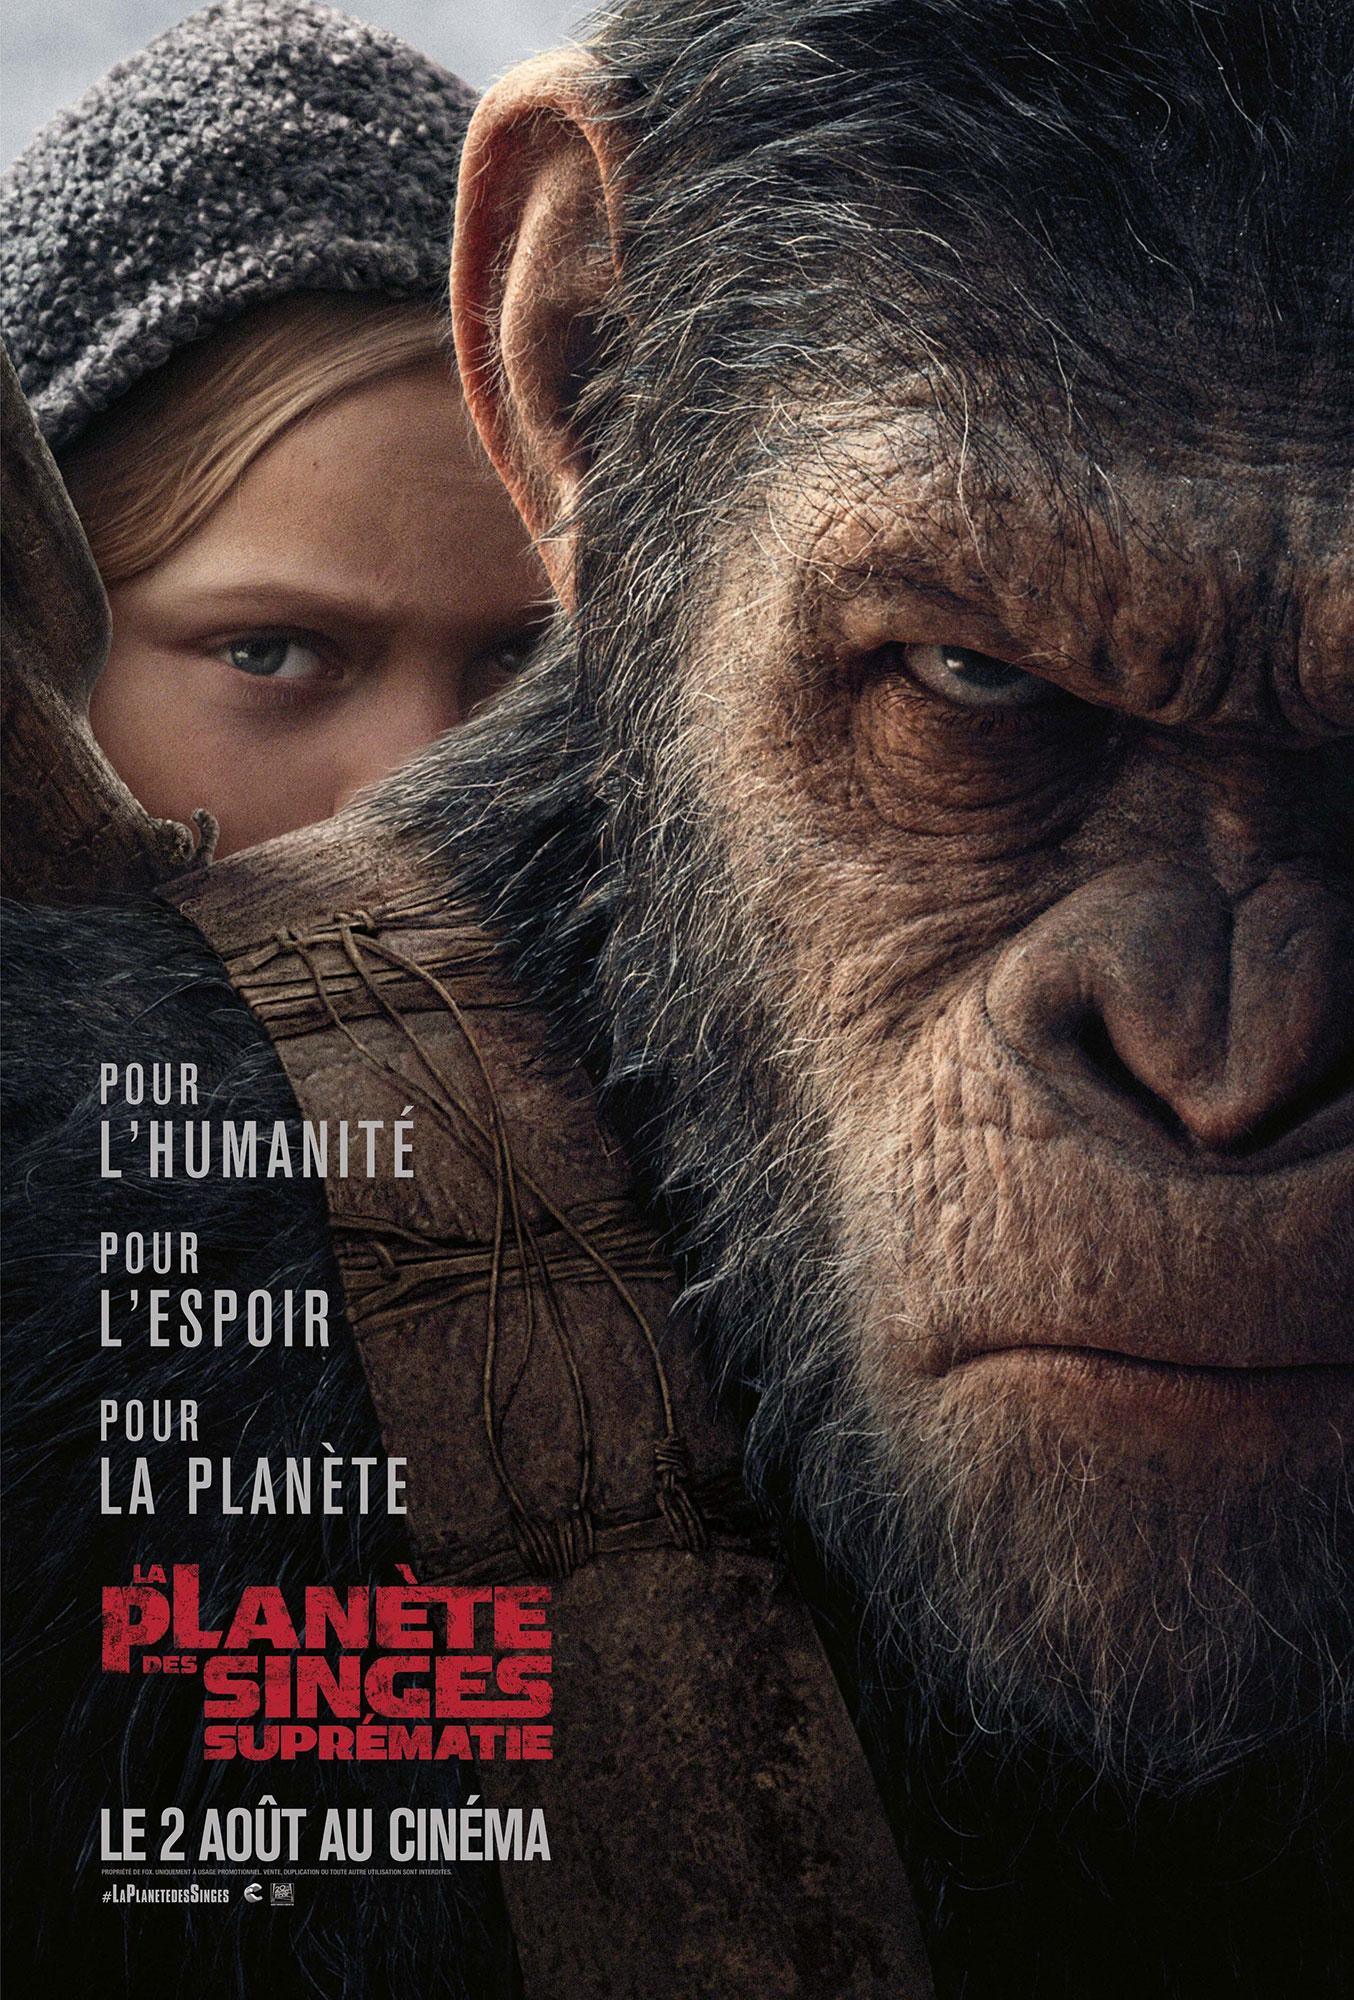 affiche poster planète singes suprématie planet apes war disney fox